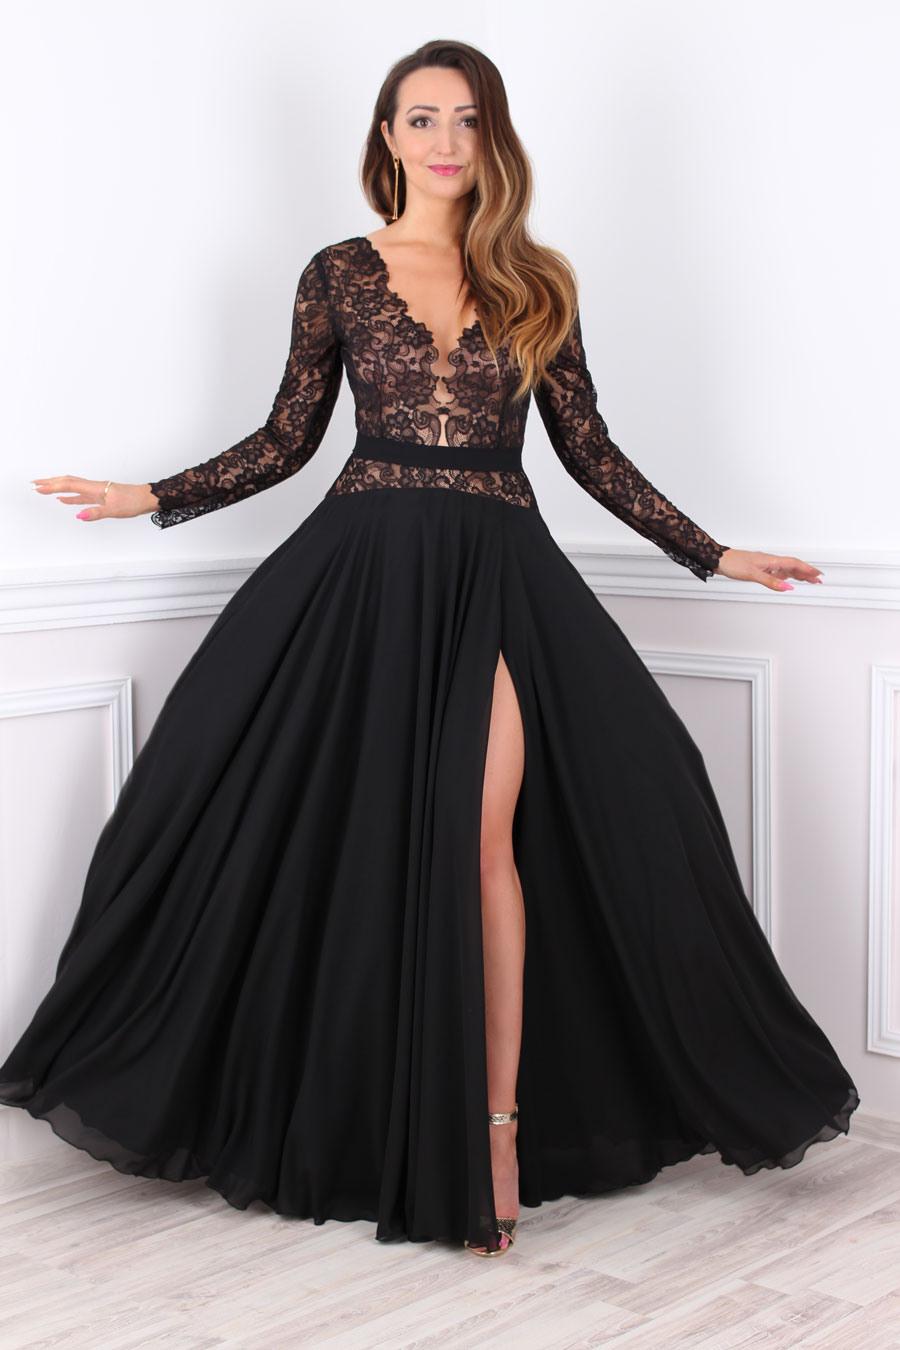 Formal Luxurius Abend Kleid Mit Spitze SpezialgebietDesigner Schön Abend Kleid Mit Spitze Vertrieb